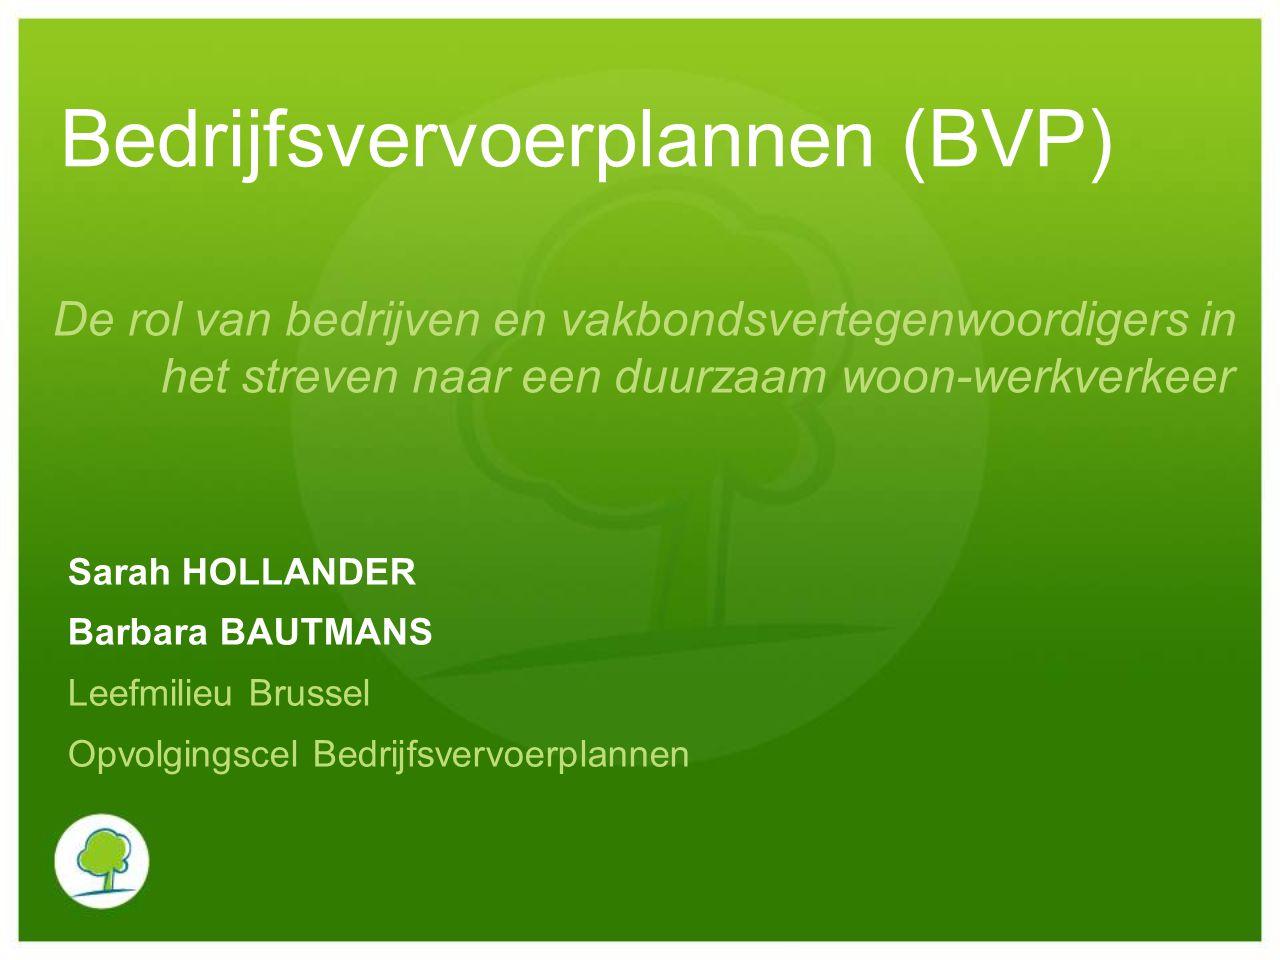 De rol van bedrijven en vakbondsvertegenwoordigers in het streven naar een duurzaam woon-werkverkeer Sarah HOLLANDER Barbara BAUTMANS Leefmilieu Bruss